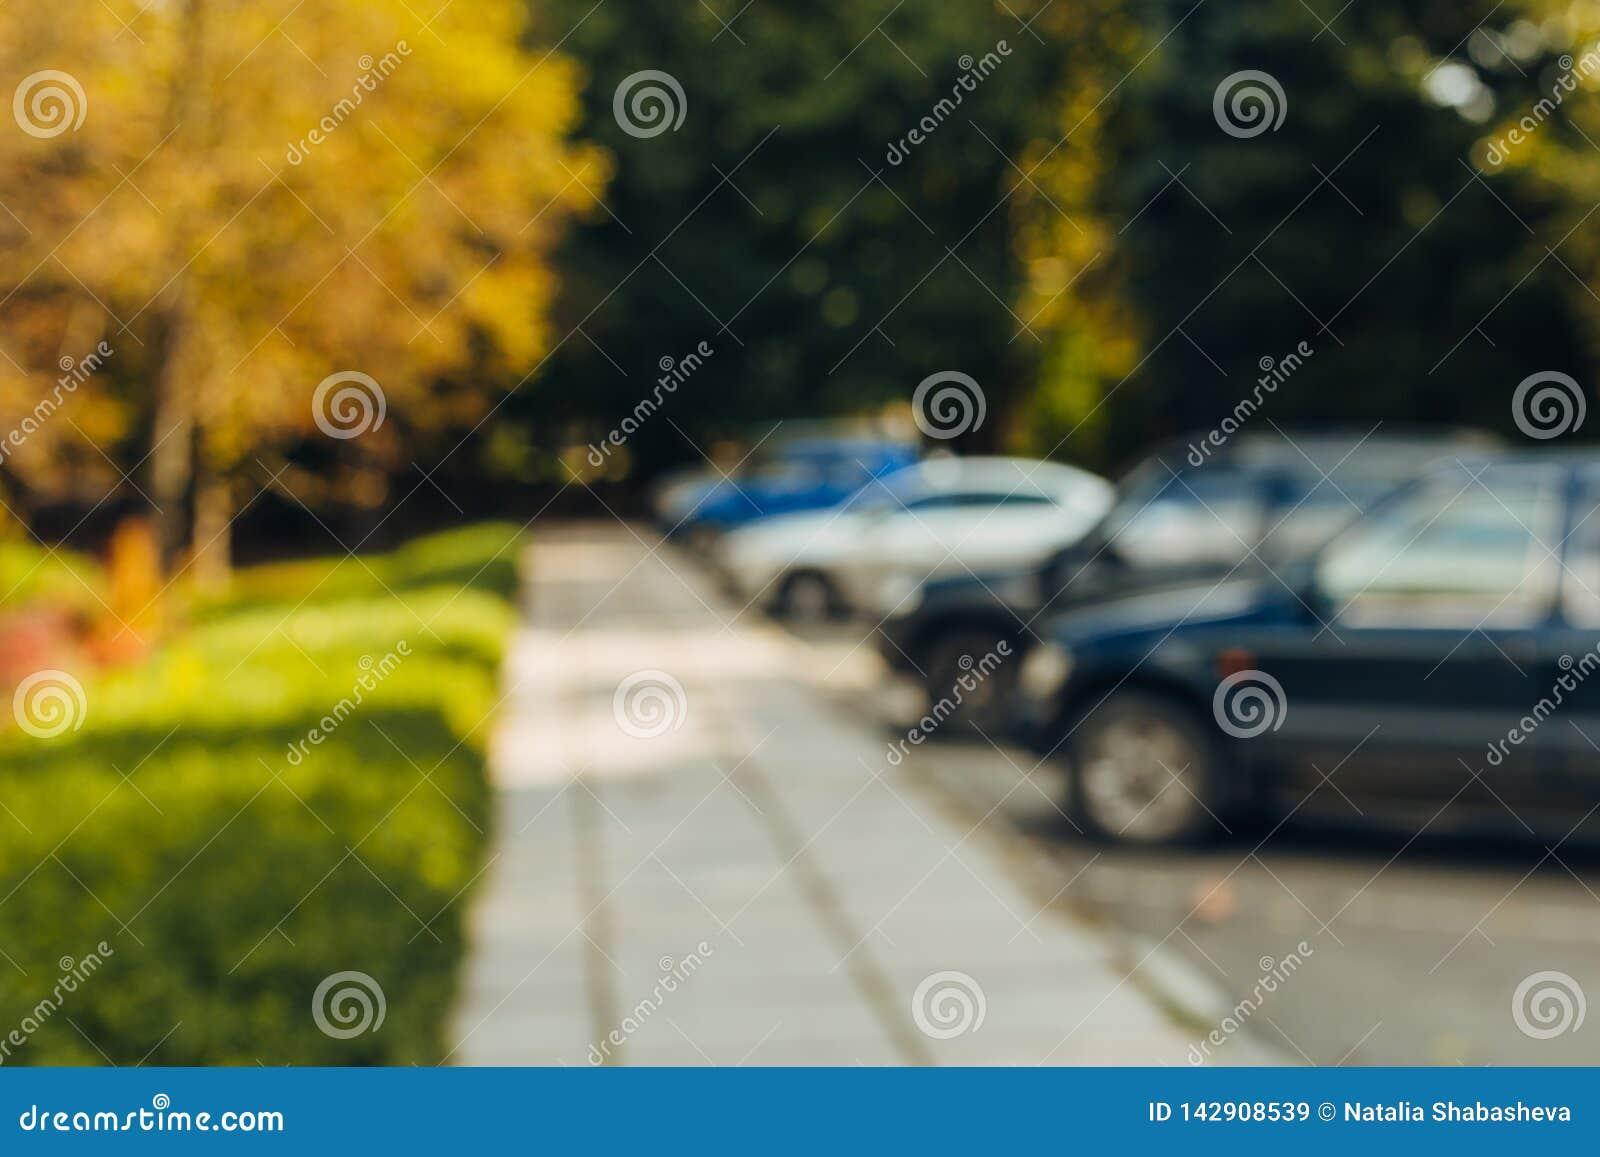 Het abstracte parkeerterrein van de onduidelijk beeld openluchtauto